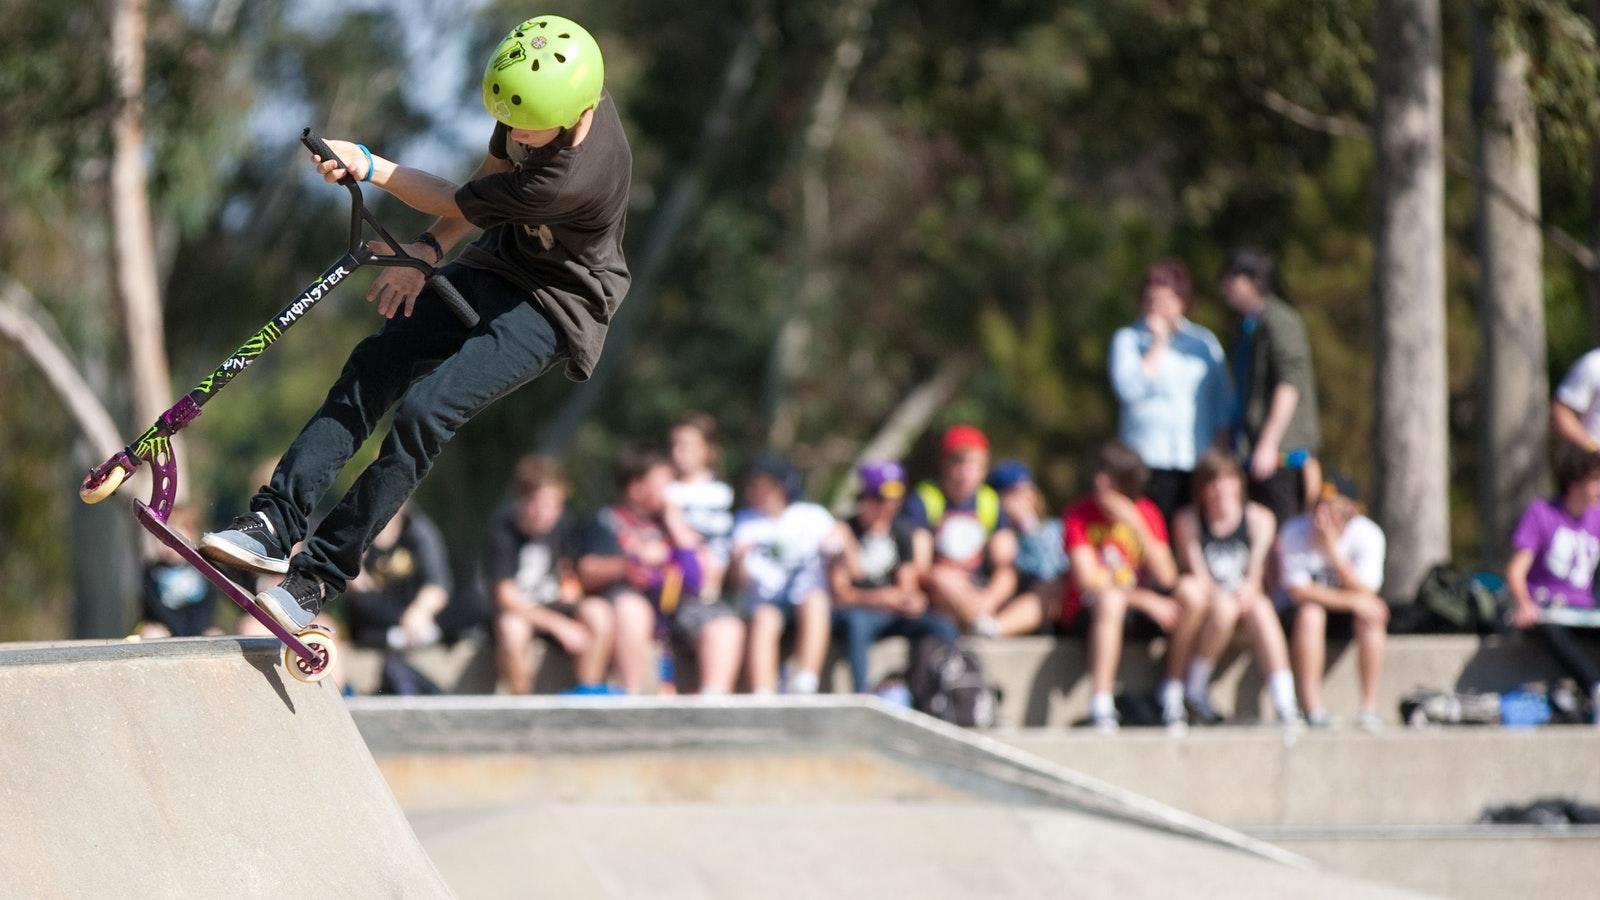 James Scott Memorial Skate Park